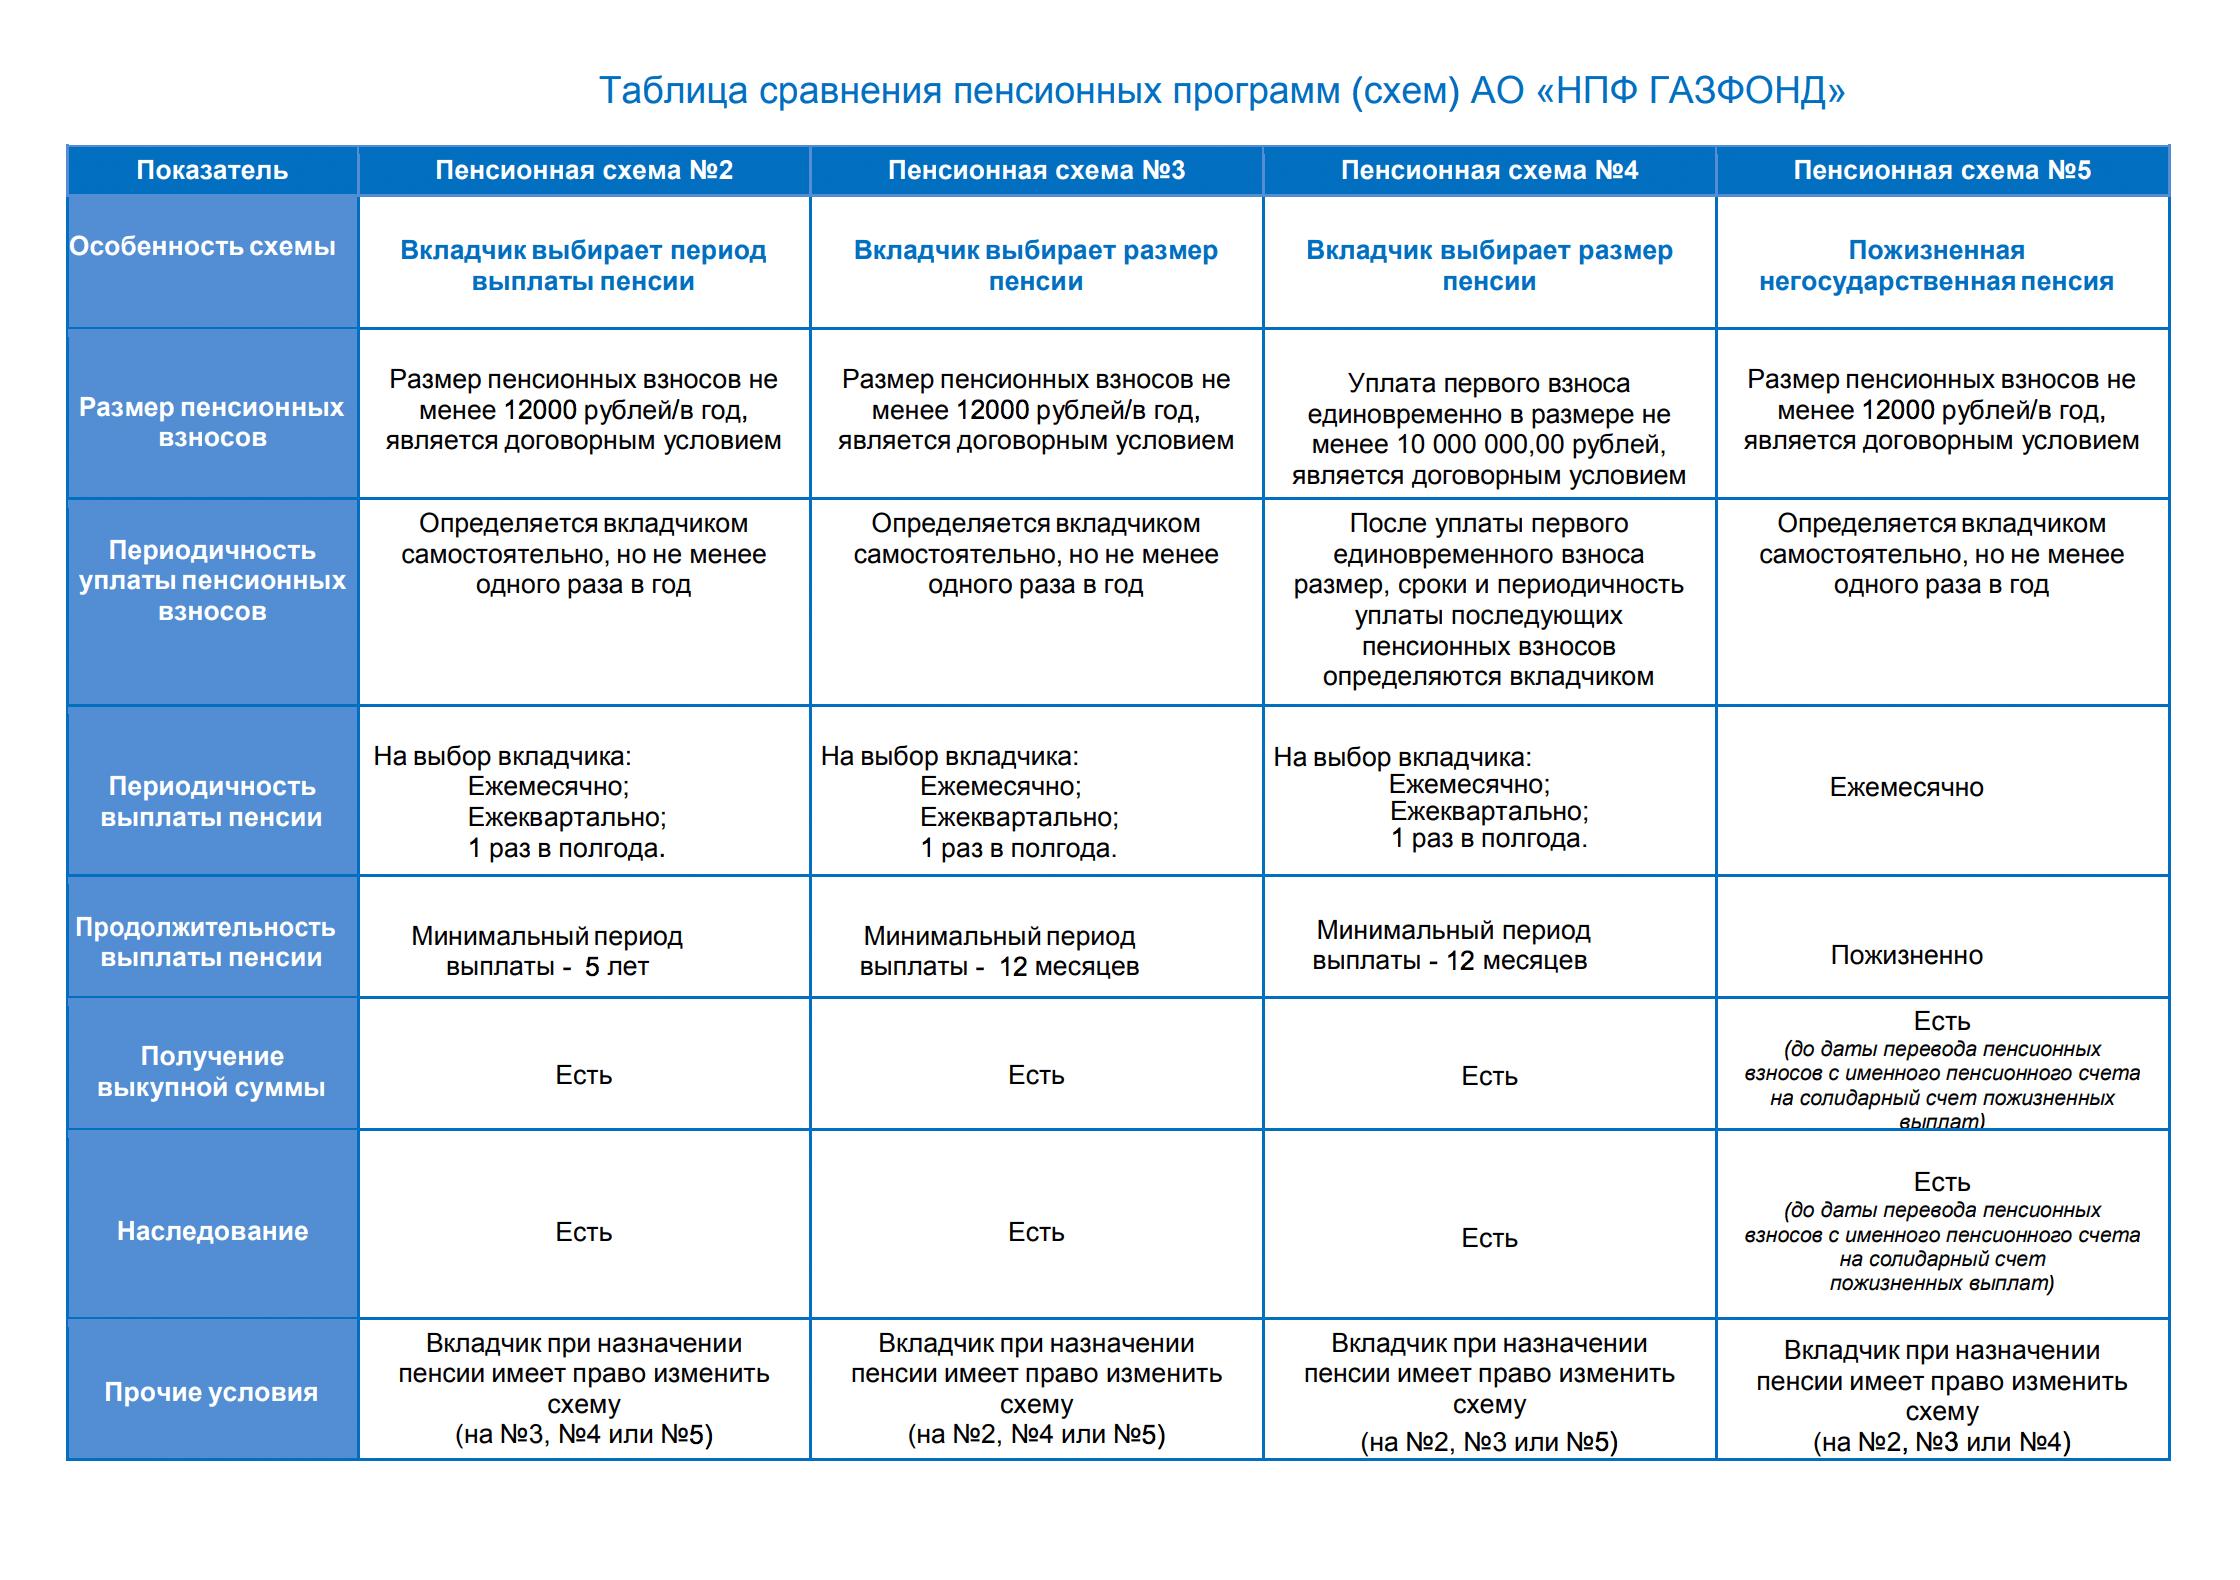 Пенсионные схемы у каждого фонда со своими нюансами. Этот НПФ предлагает пять вариантов НПО